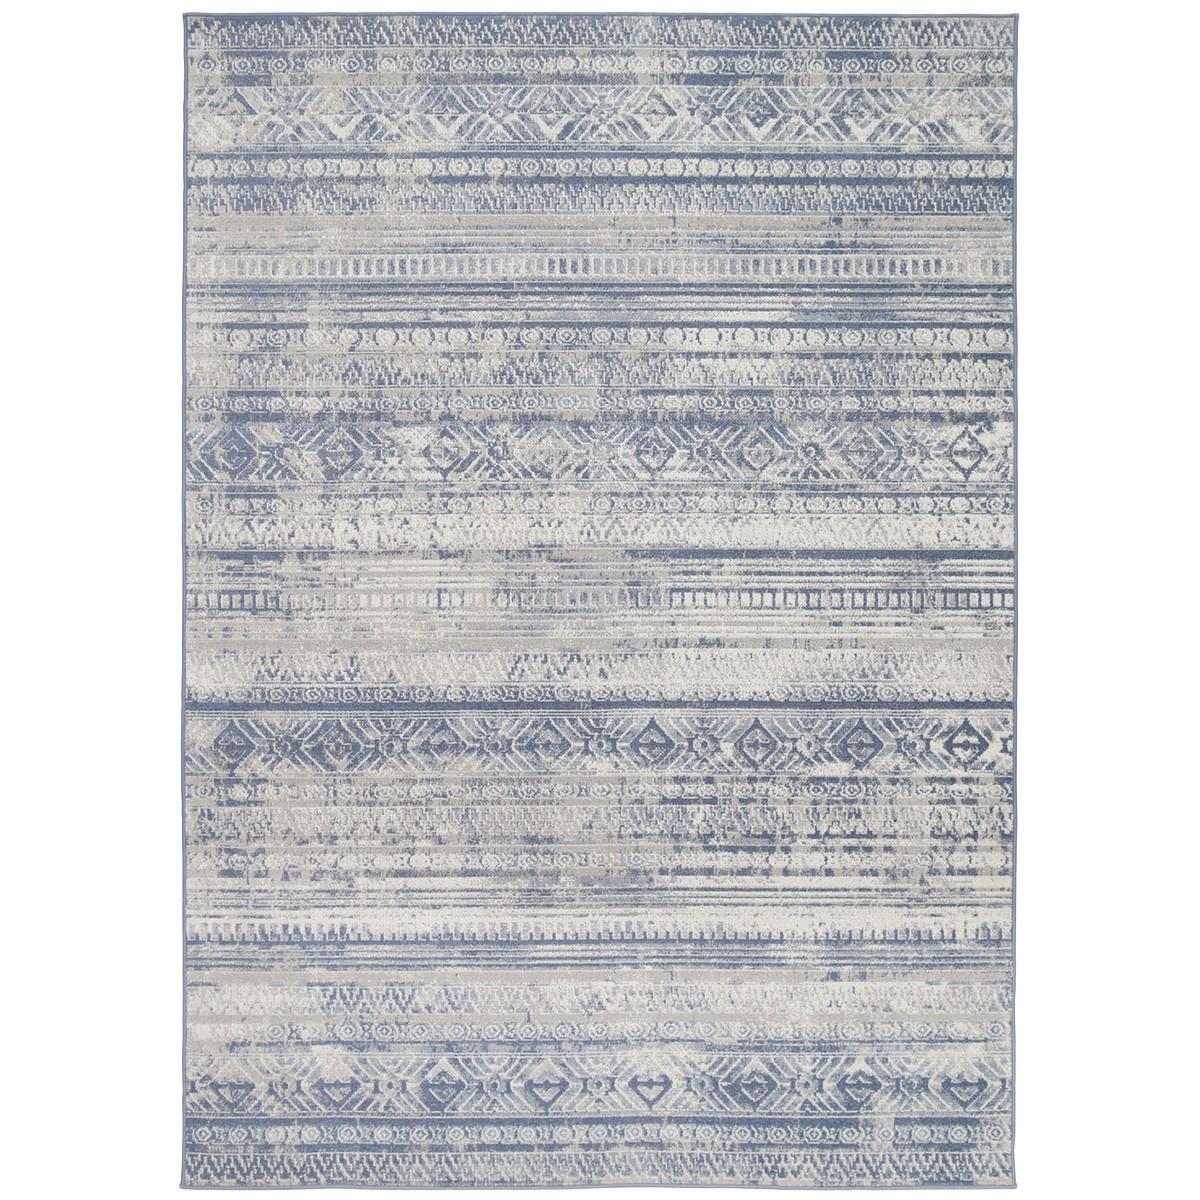 Courtyard Rome Modern Rug, 230x160cm, Blue / Cream